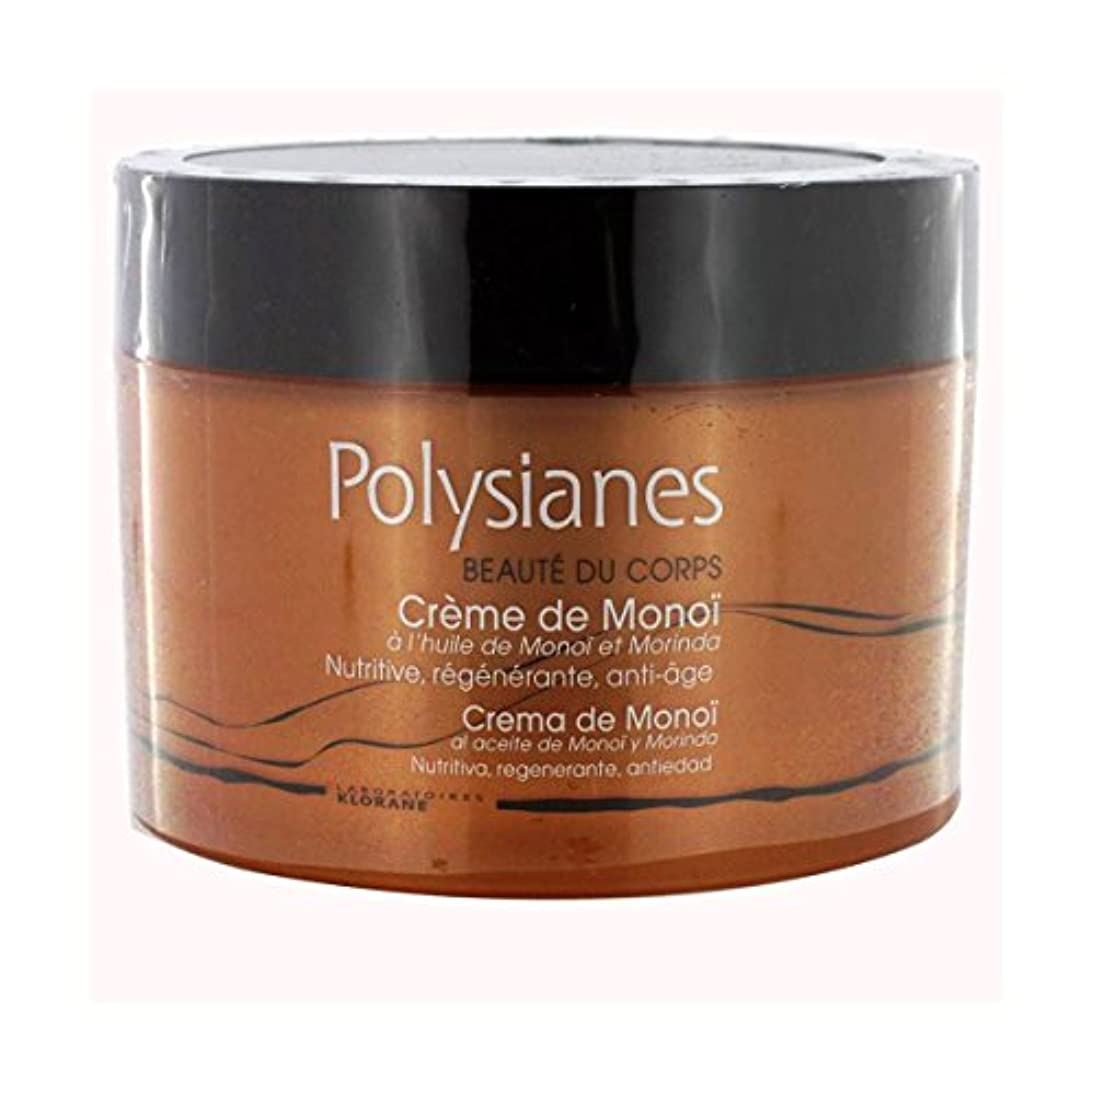 侵入アセンブリ請求書Polysianes Body Beauty Monoi Cream 200ml [並行輸入品]